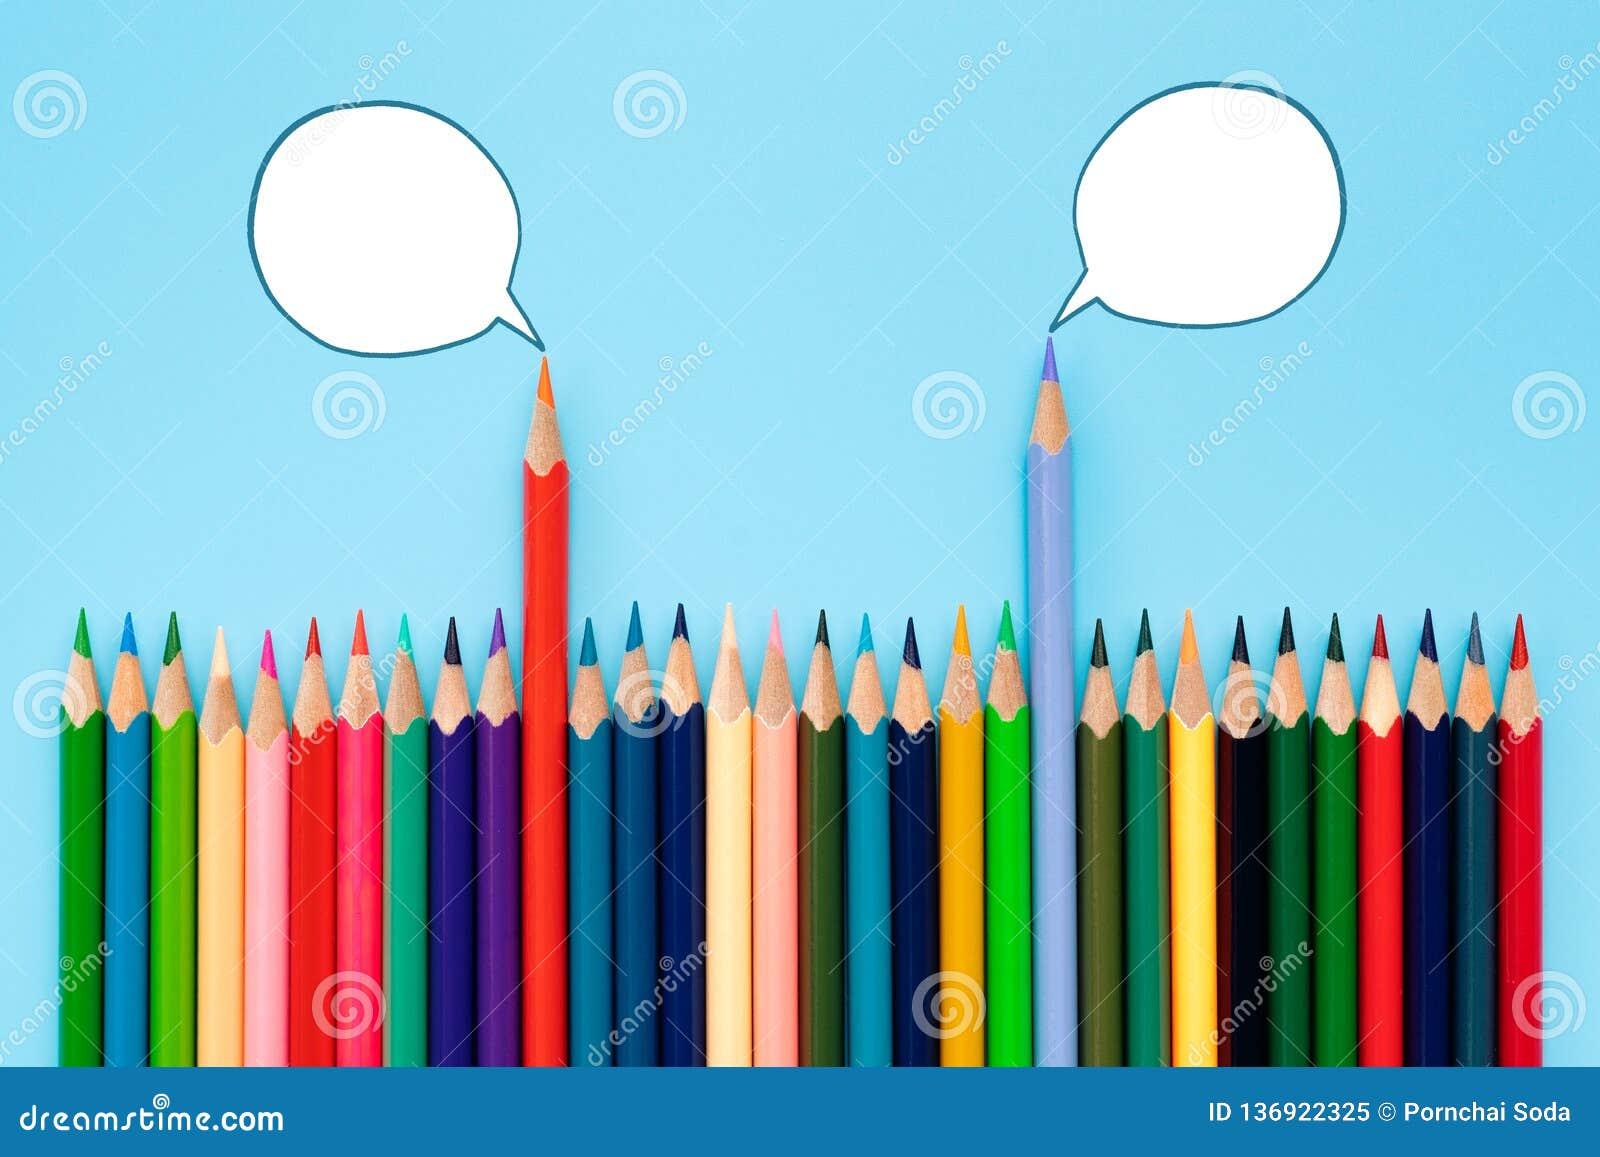 Concept de discussion, de dialogue, de communication et d éducation crayon de couleur parlant des avis politiques avec des bulles